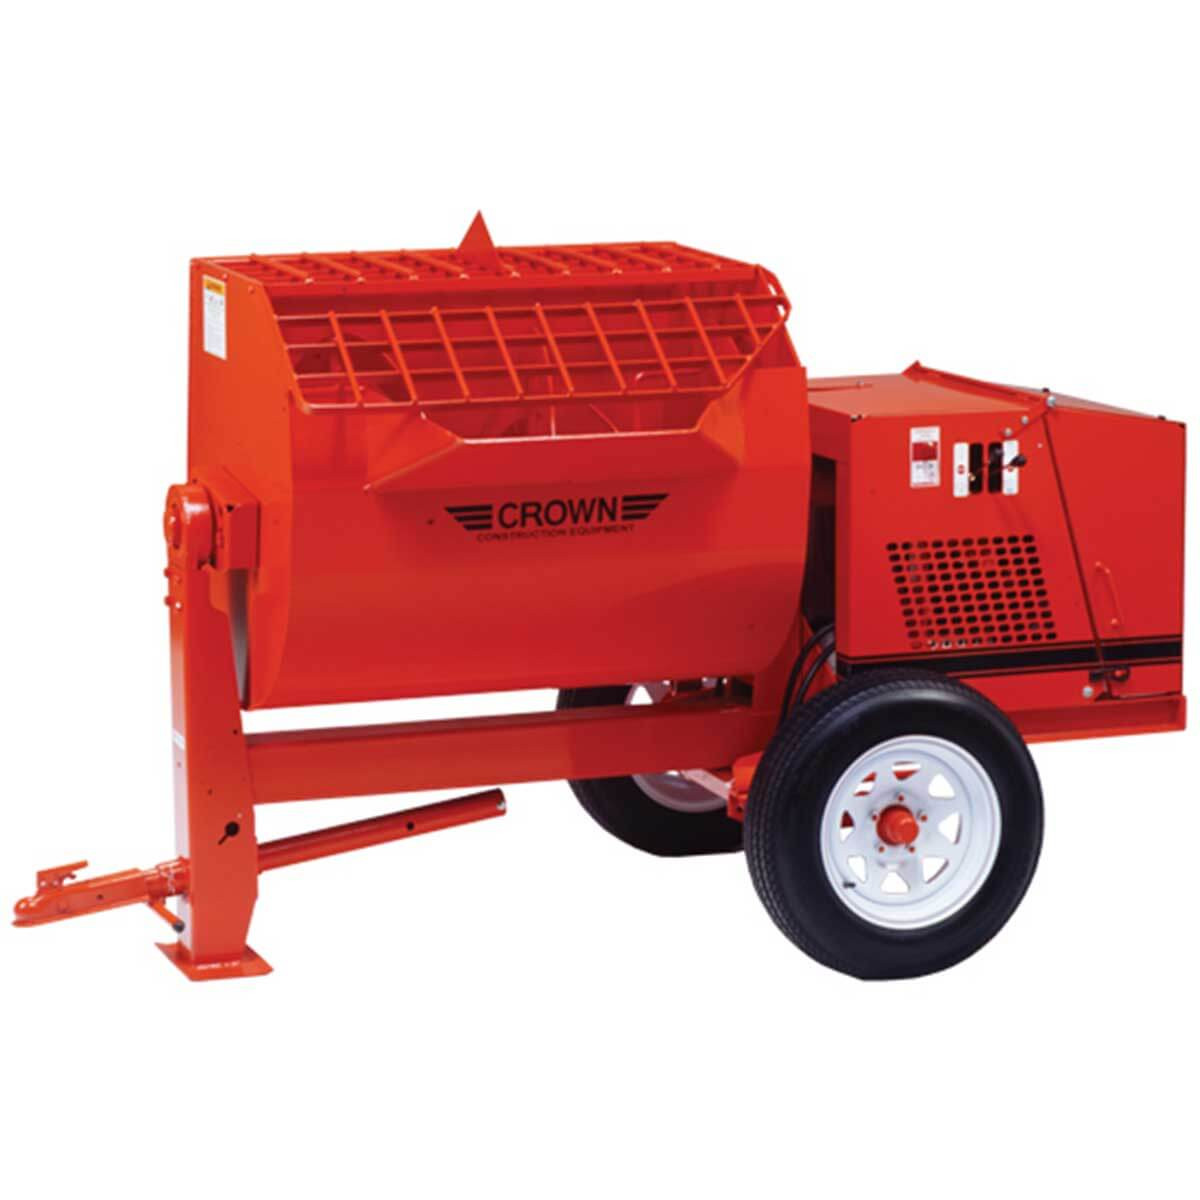 Mortar Mixer Blades : Crown sh mortar mixers contractors direct